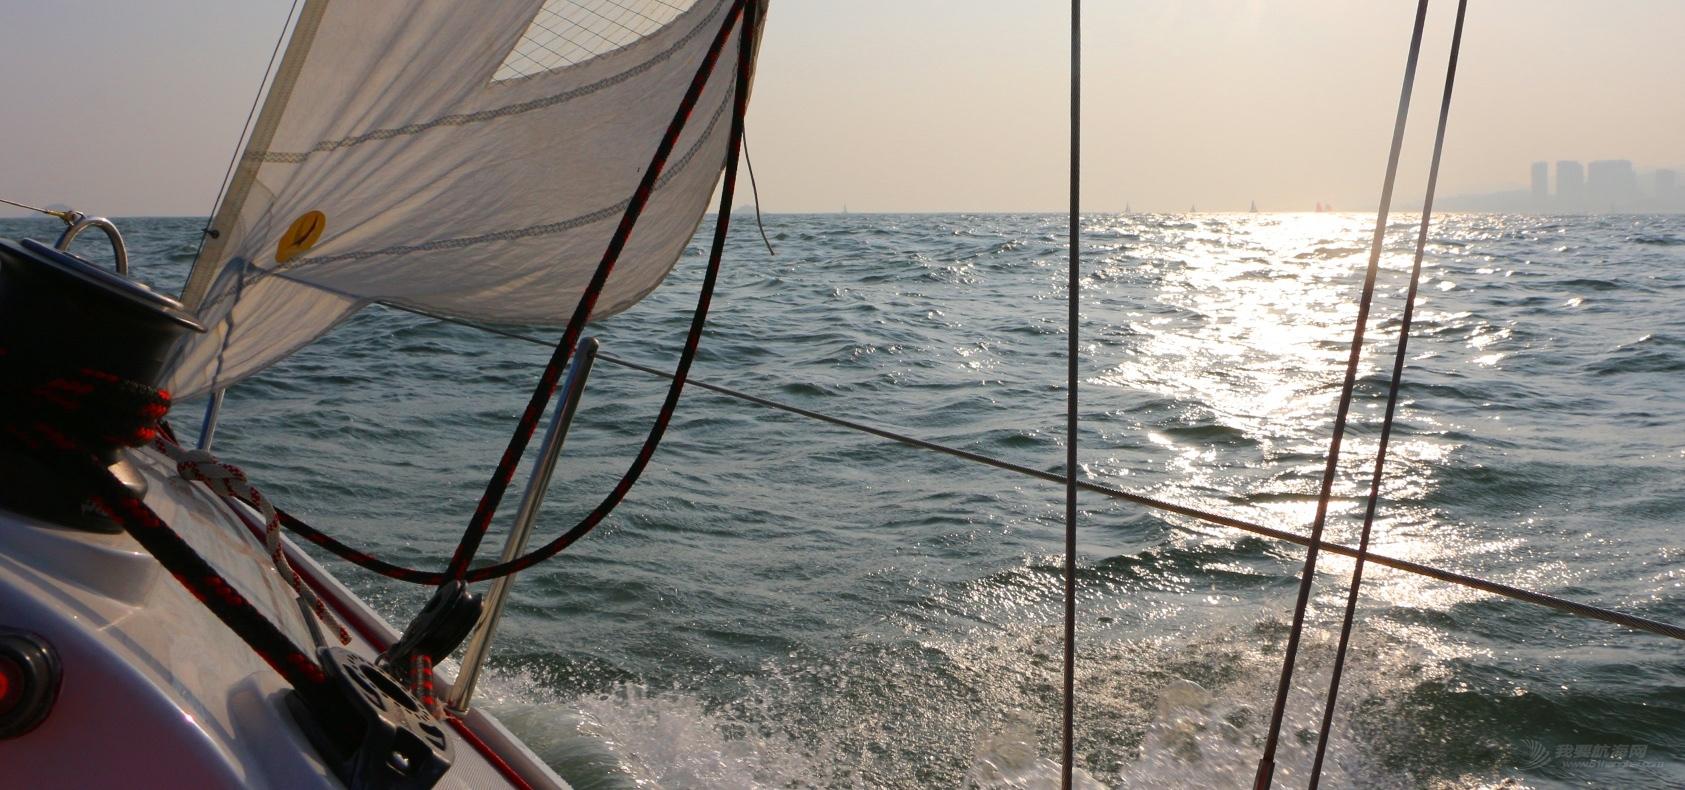 飞虎7.5米帆船,竞赛训练租赁运营都合适